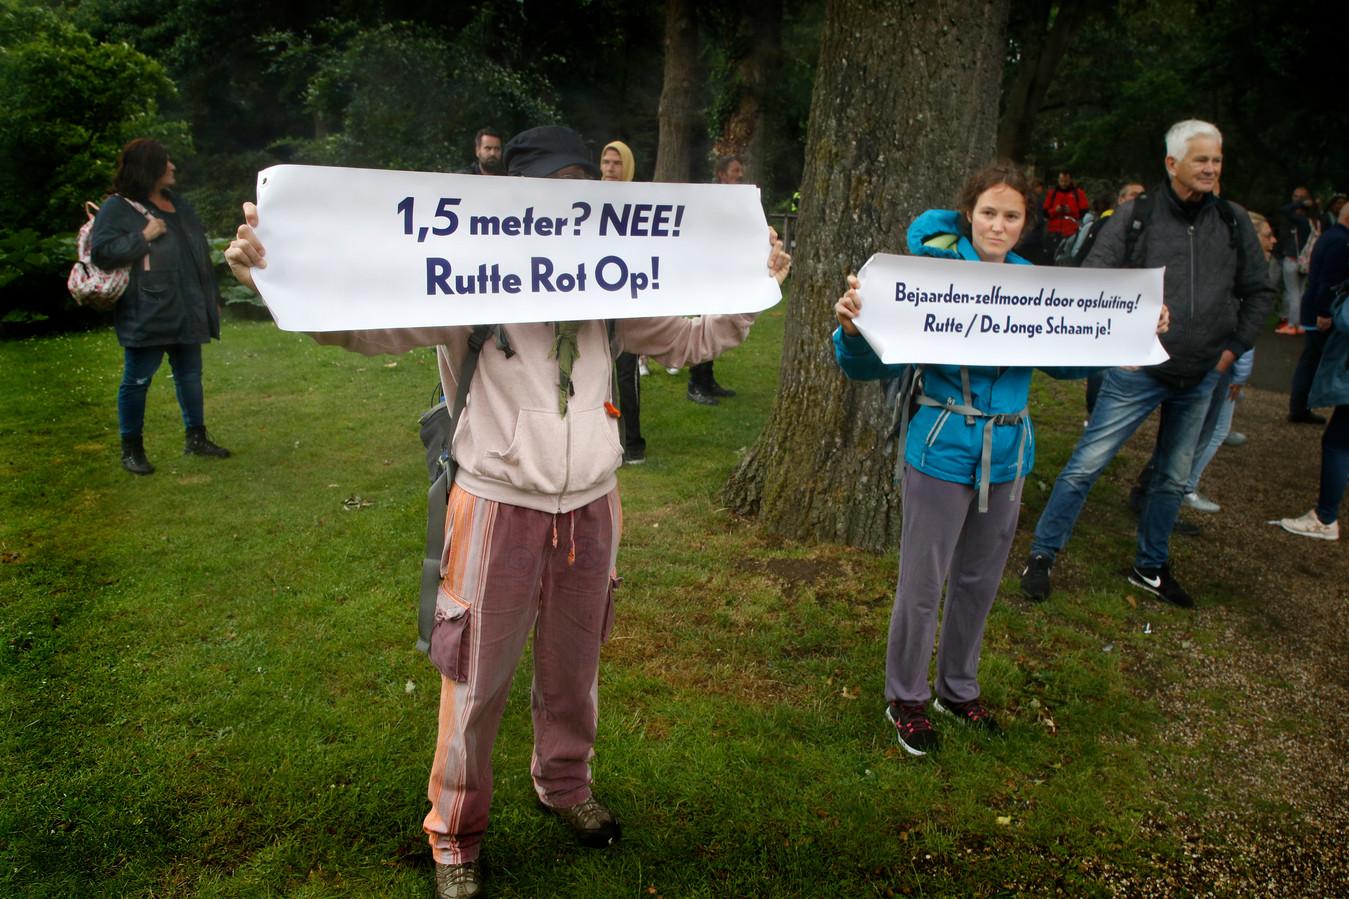 Een groep van tweehonderd demonstranten trok naar Park Oog in AL